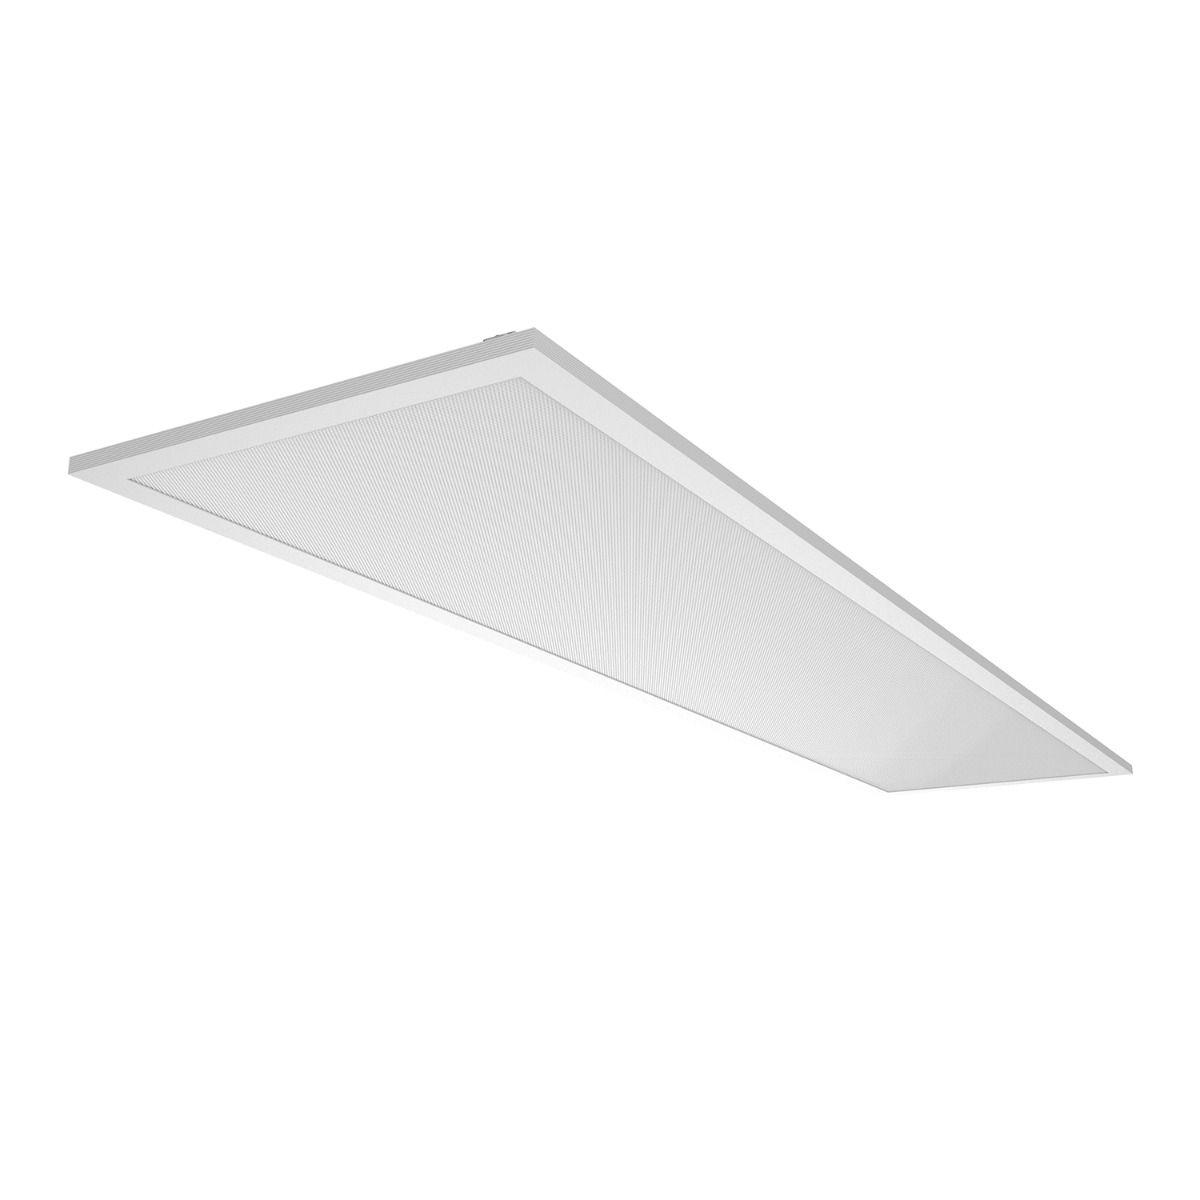 Noxion LED panel Delta Pro V3 30W 3000K 3960lm 30x120cm UGR <19 | varm hvid - erstatter 2x36W